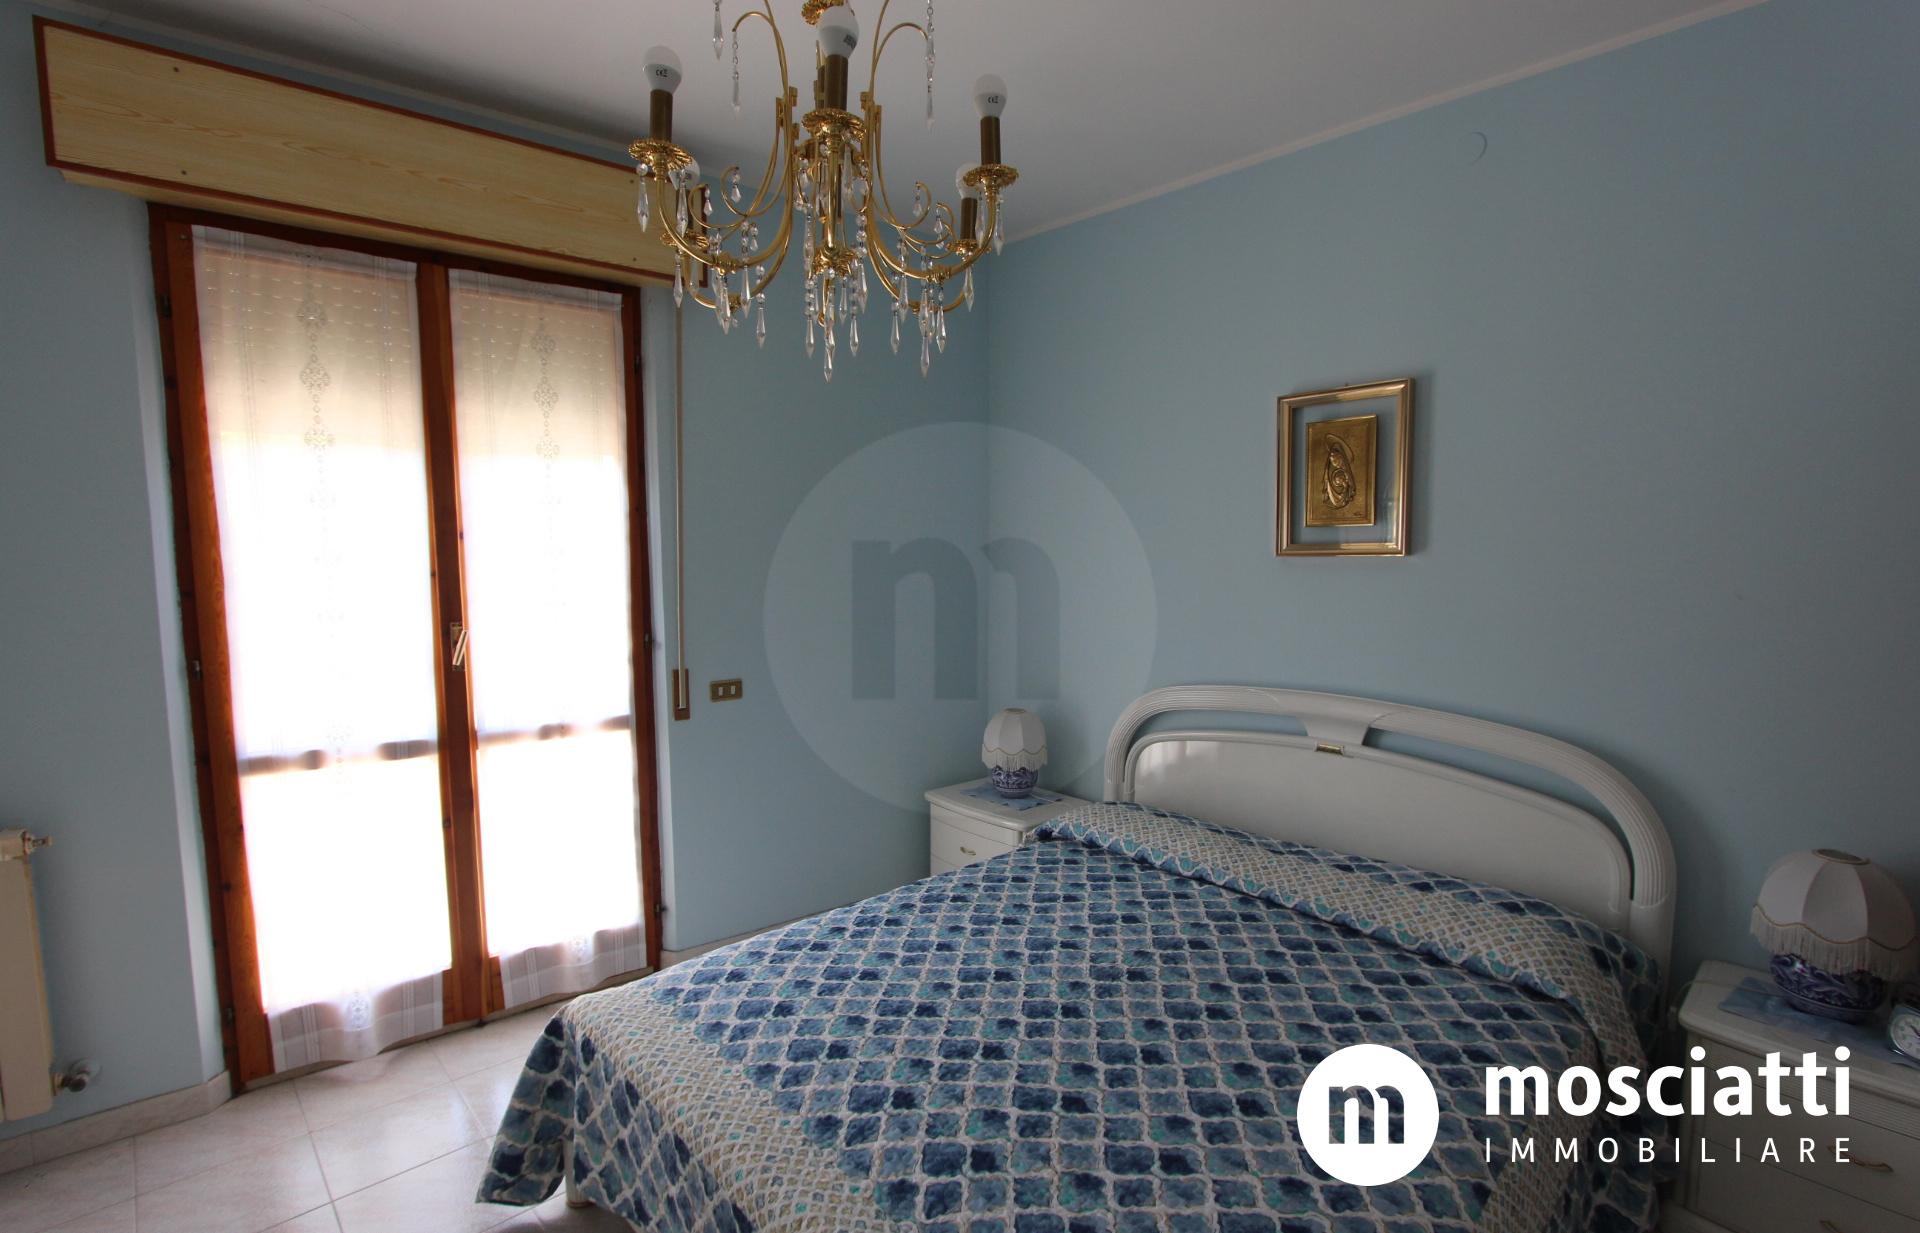 Esanatoglia, Vicolo San Giovanni, vendesi appartamento con ingresso indipendente e garage - 1